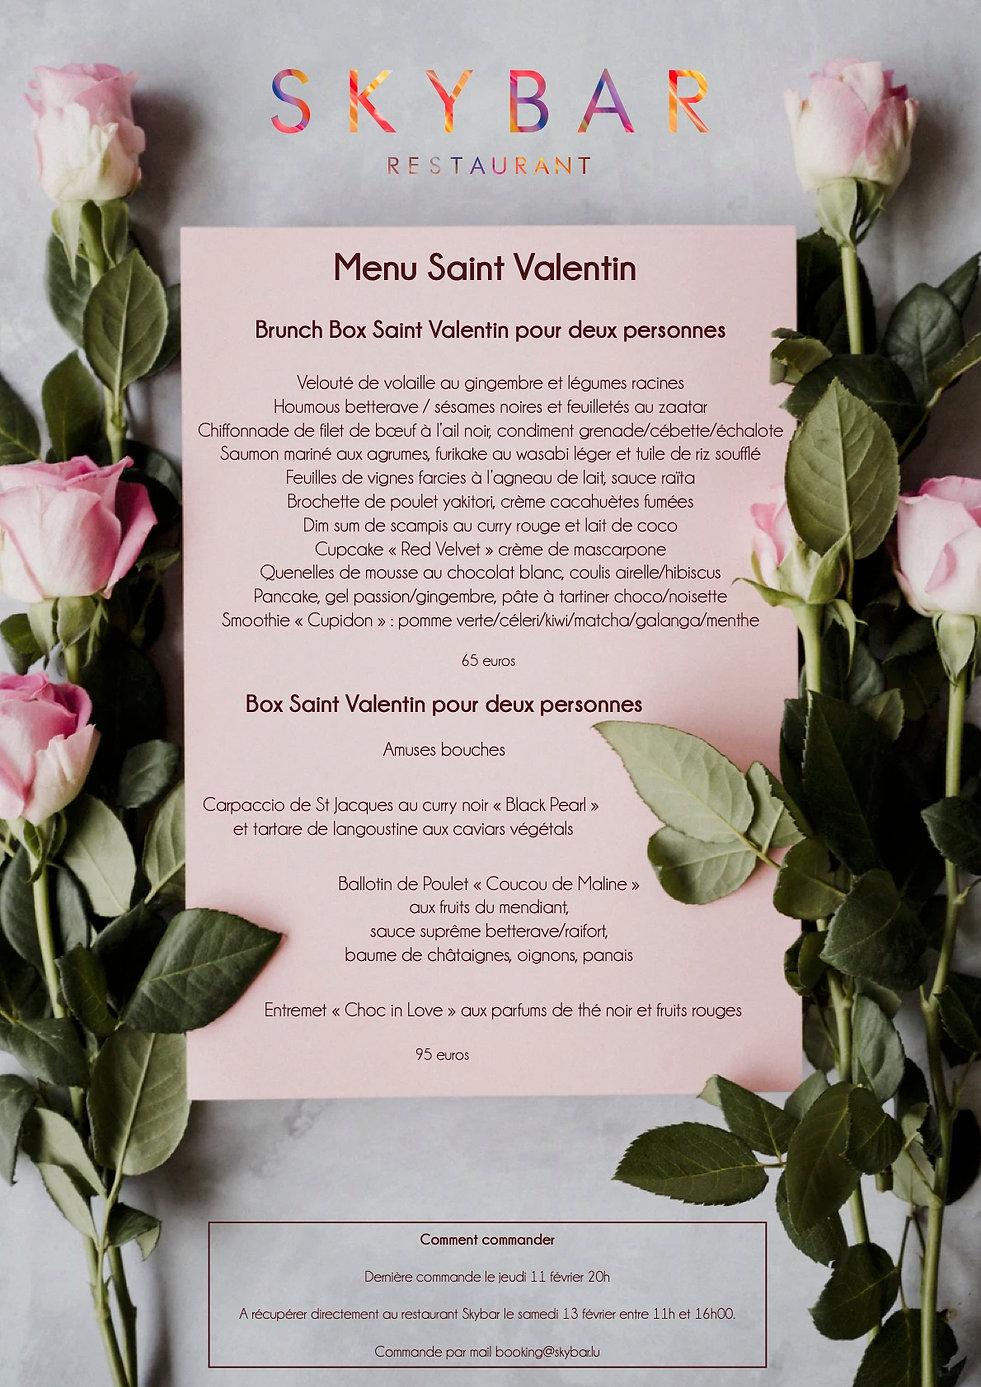 Menu Saint Valentin copie.jpg